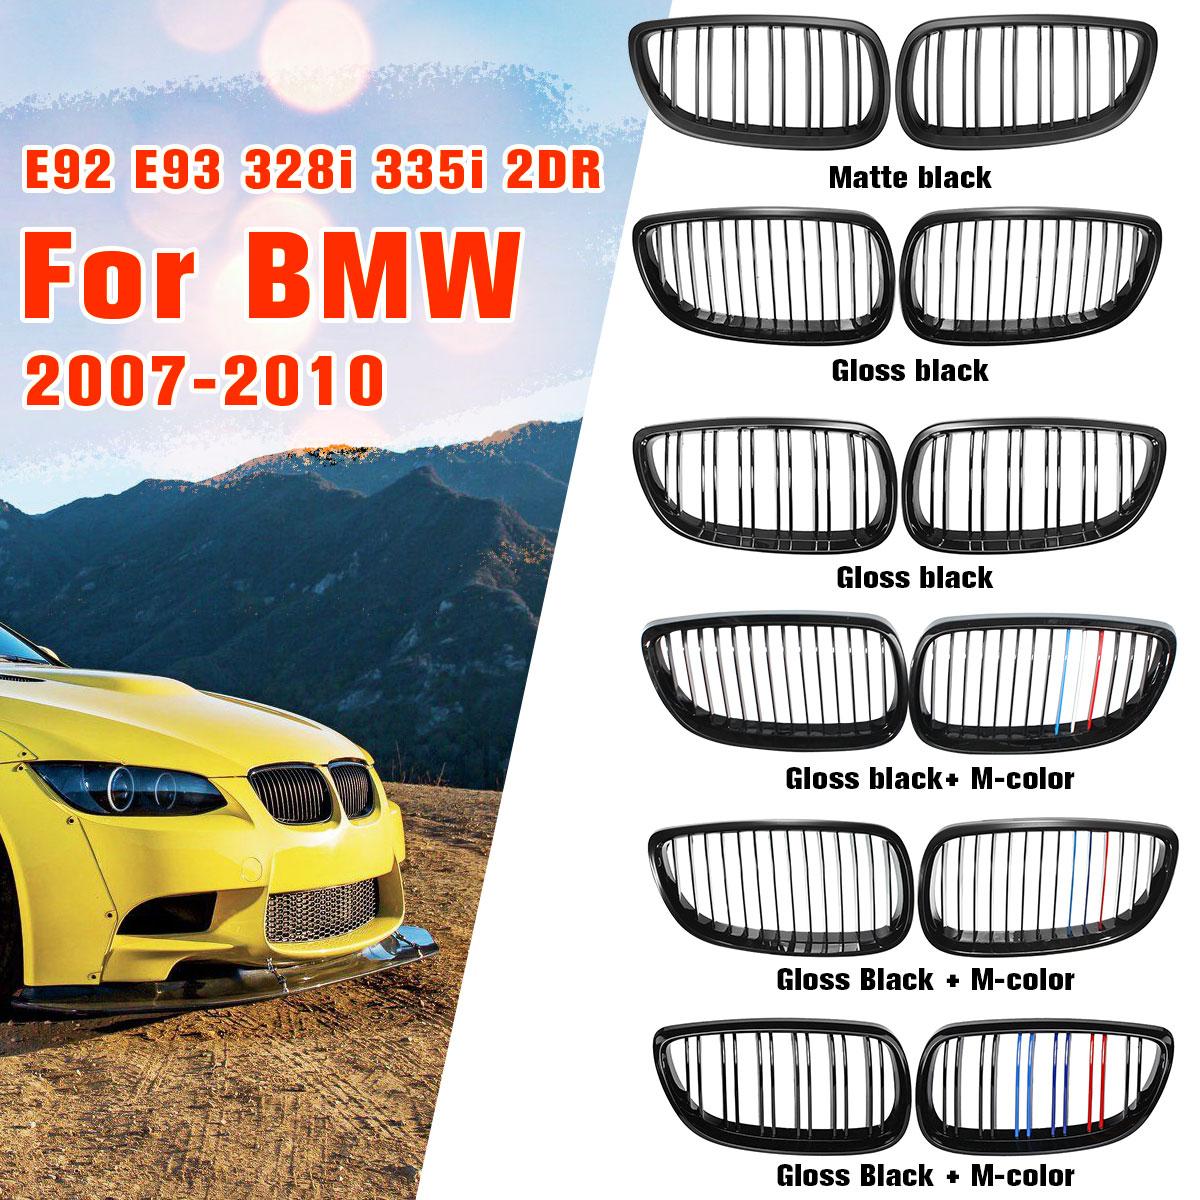 Gloss matte black m-color dupla linha grade dianteira rim grill para bmw e92 e93 m3 328i 335i 2 door 2007 2008 2009 estilo do carro